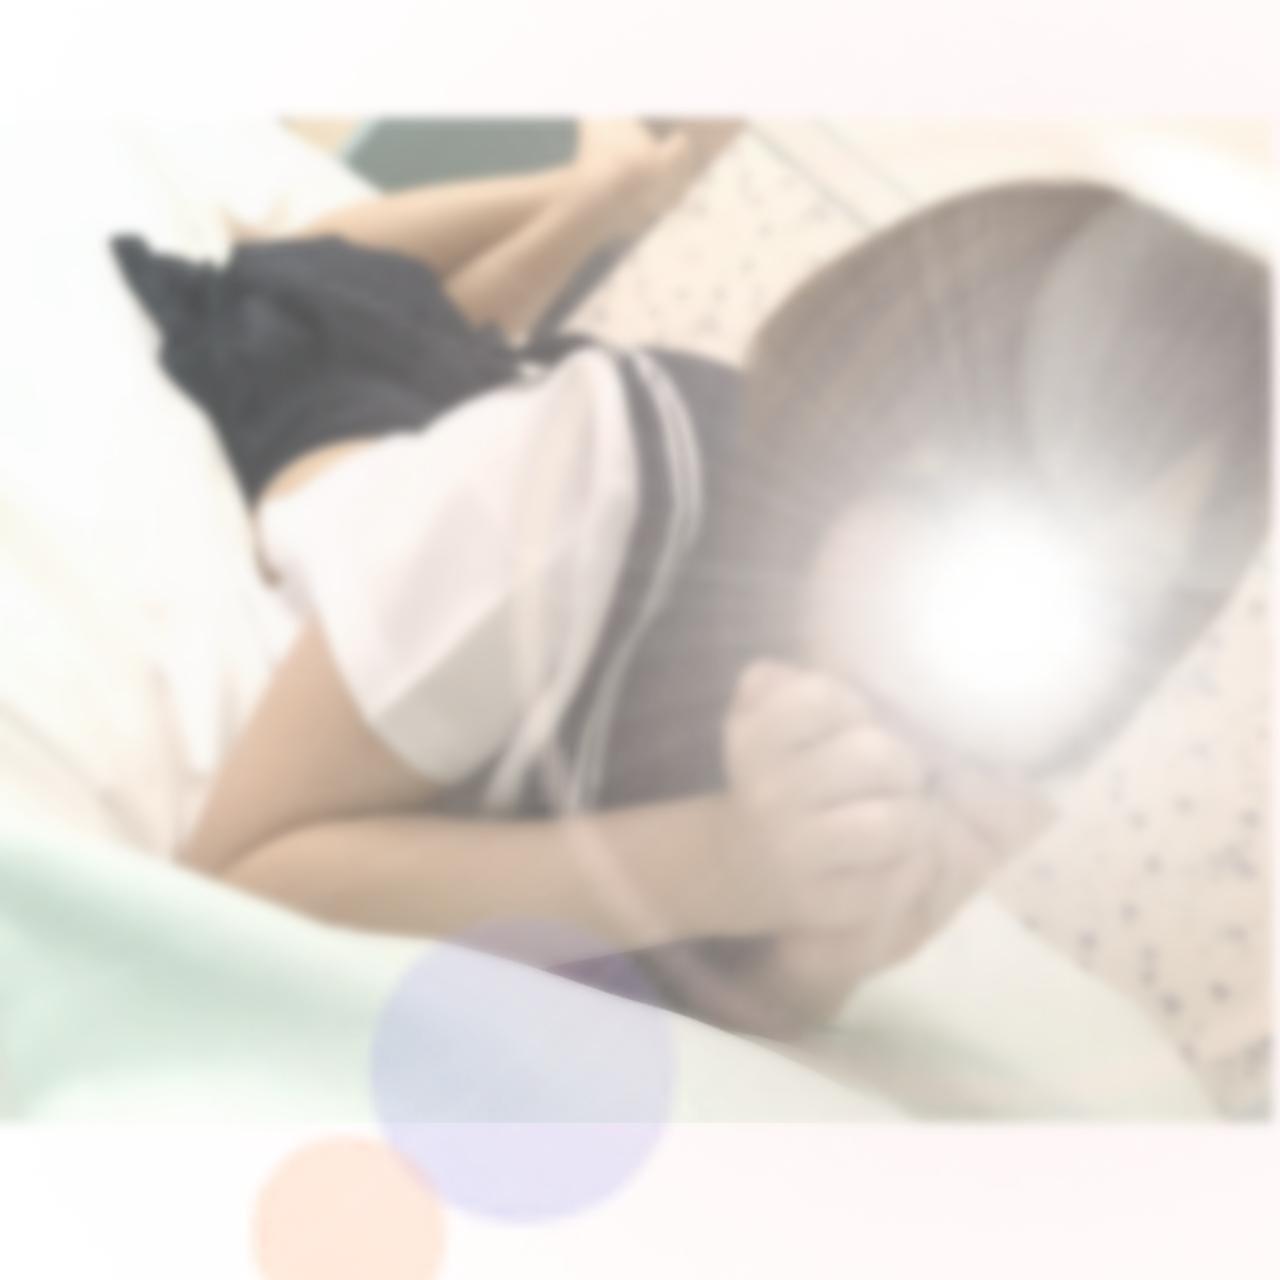 「おわりっ!!」06/21(06/21) 05:12 | あんなの写メ・風俗動画